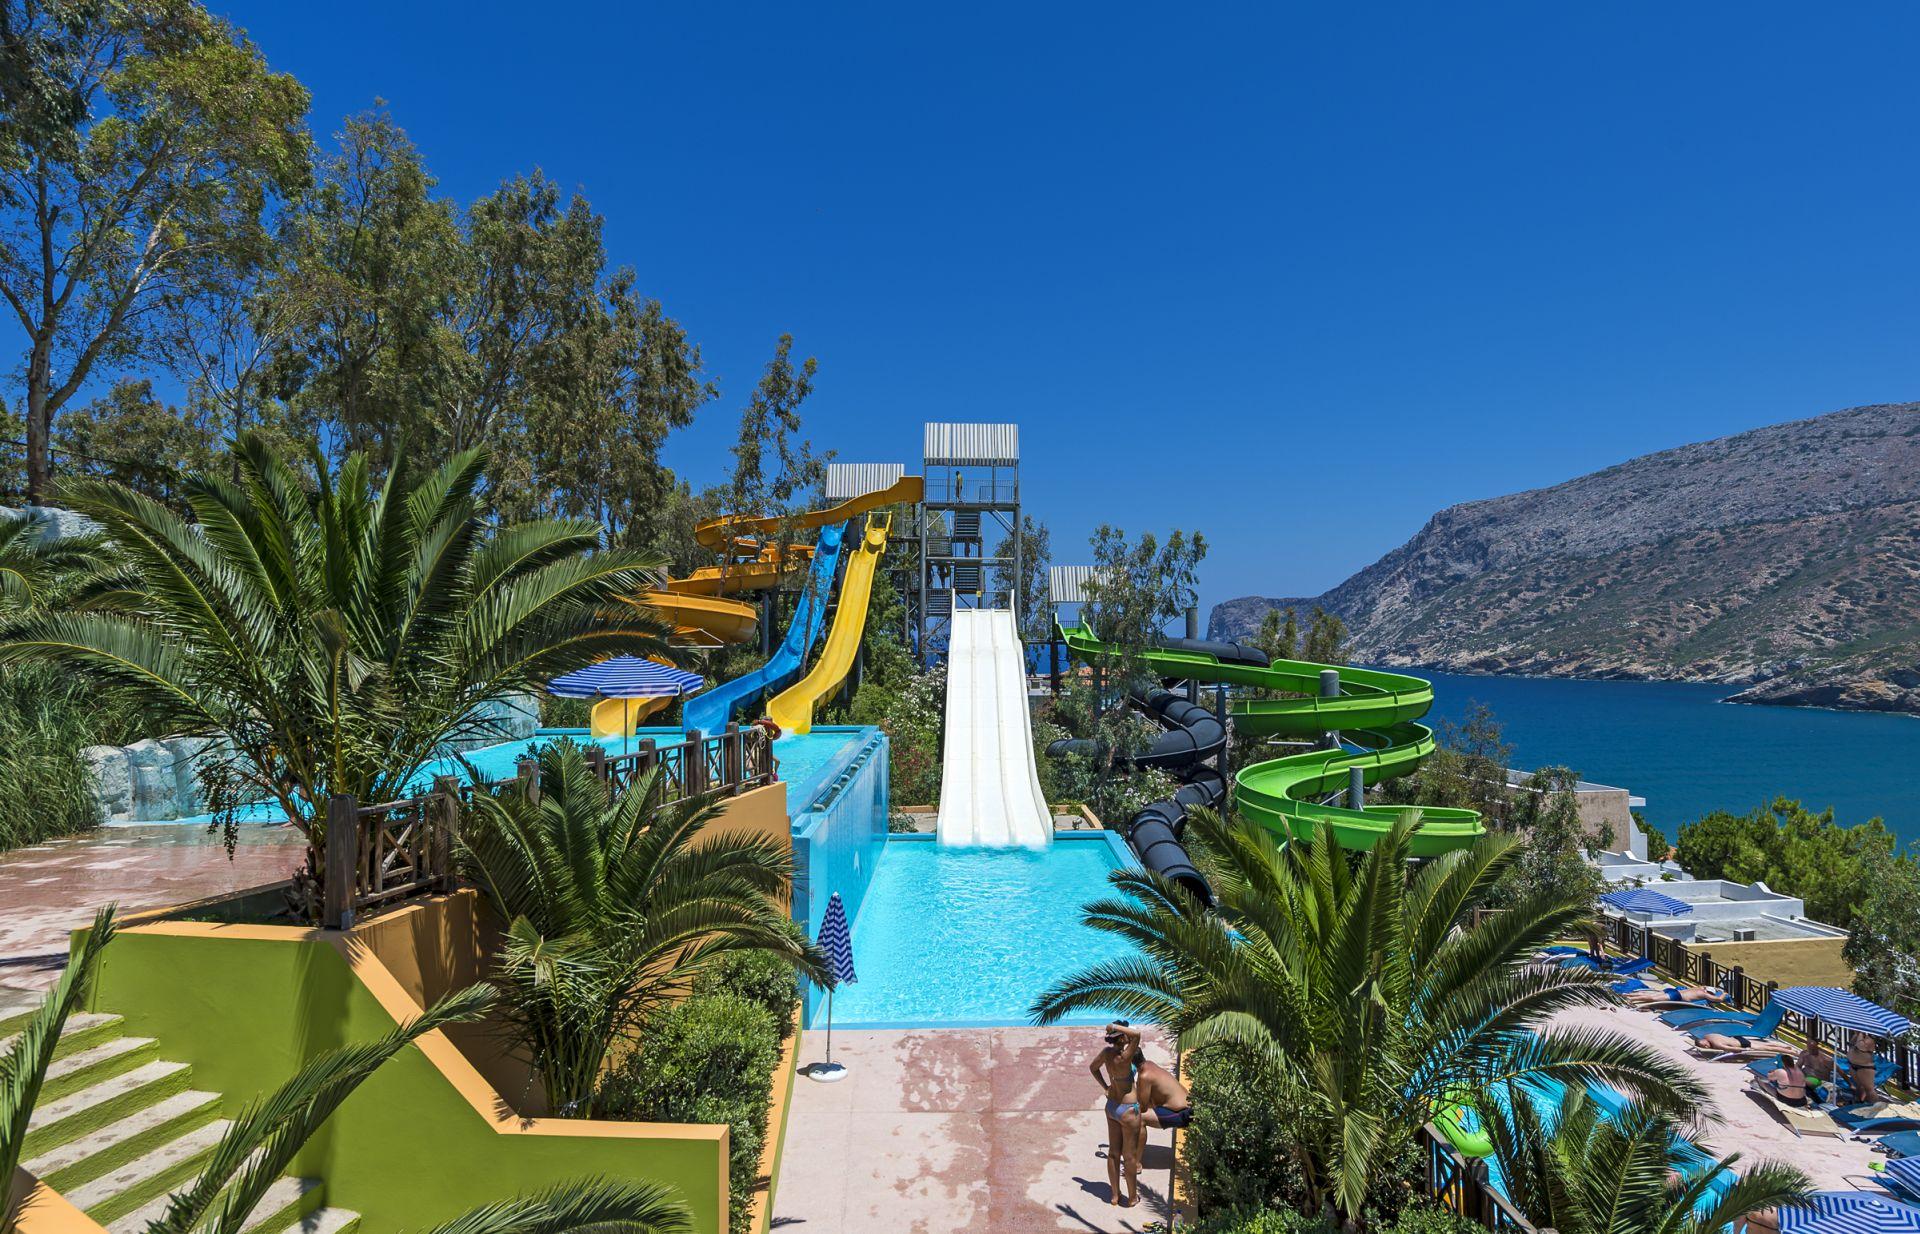 Hotels In Key West >> Fodele Beach & Water Park Holiday Resort - GTP